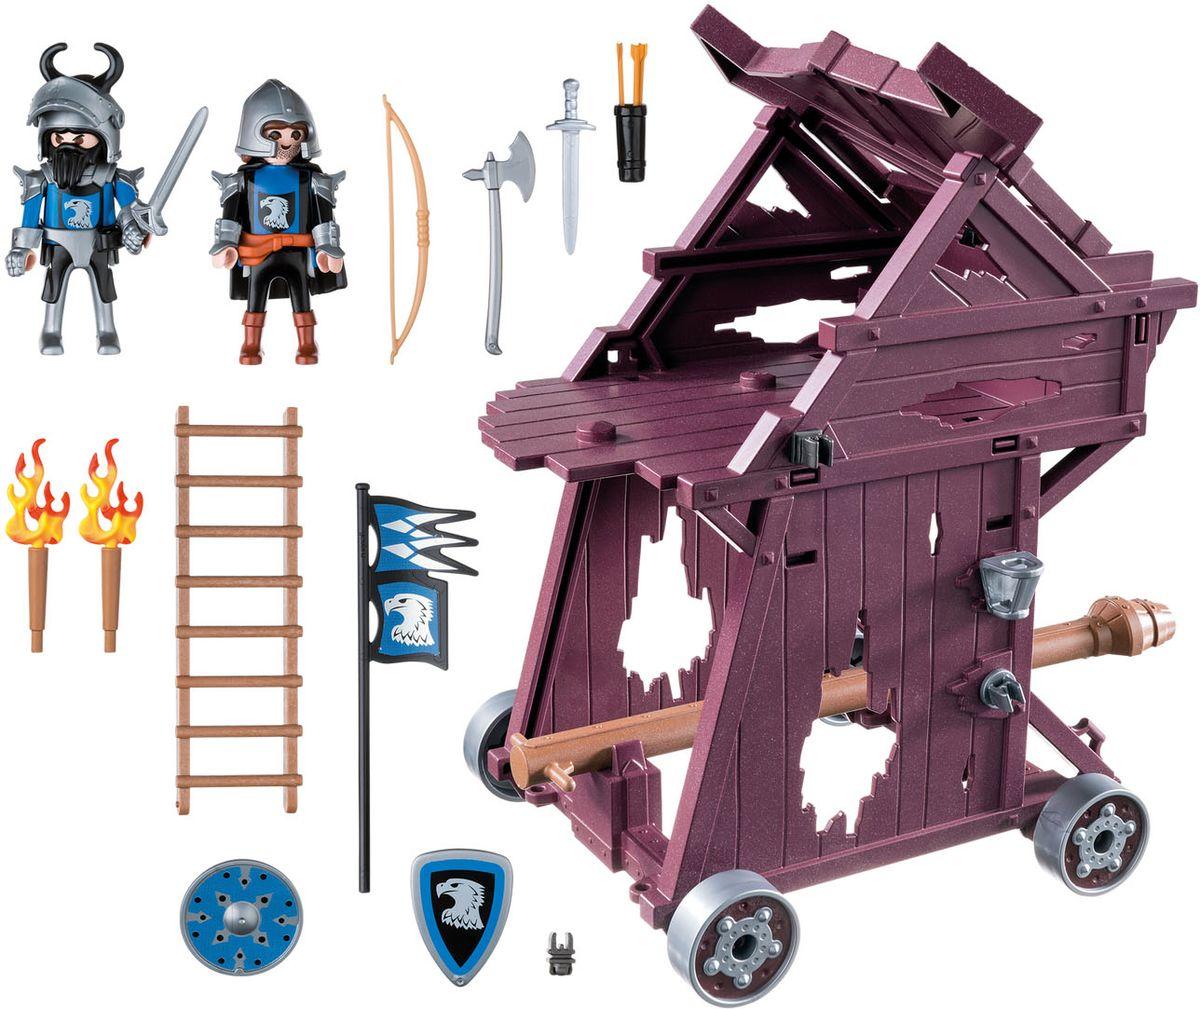 Playmobil Игровой набор Рыцари Орла атакуют башню - Игровые наборы